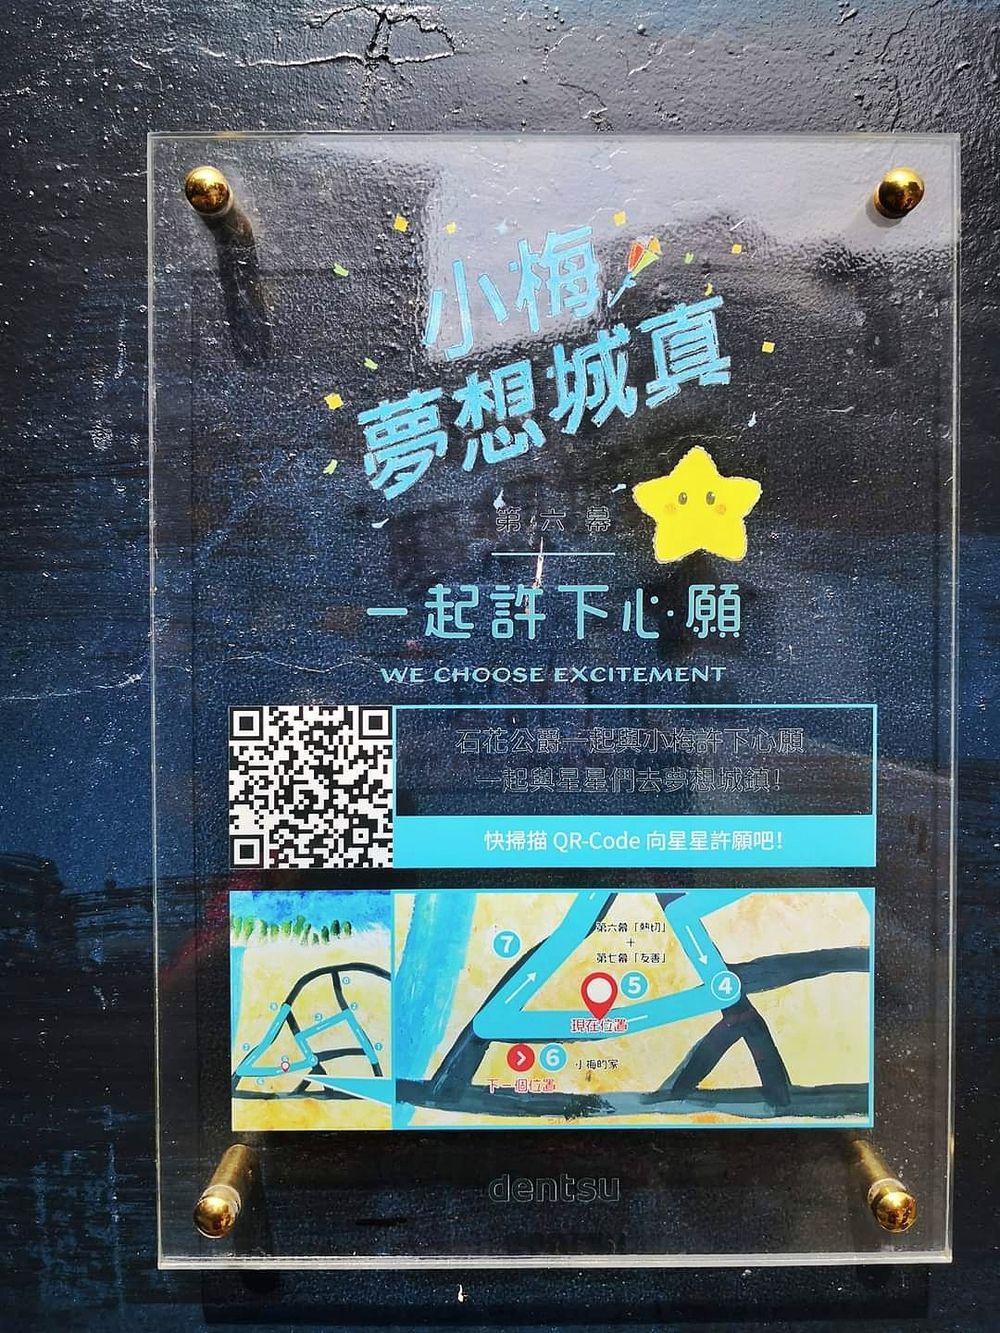 【2021北海岸一日遊】老梅綠石槽彩繪小鎮「小梅夢想城真」全台灣第一座多媒體繪本城鎮 吃貨旅遊作家水靜葳JING找樂子 (39)